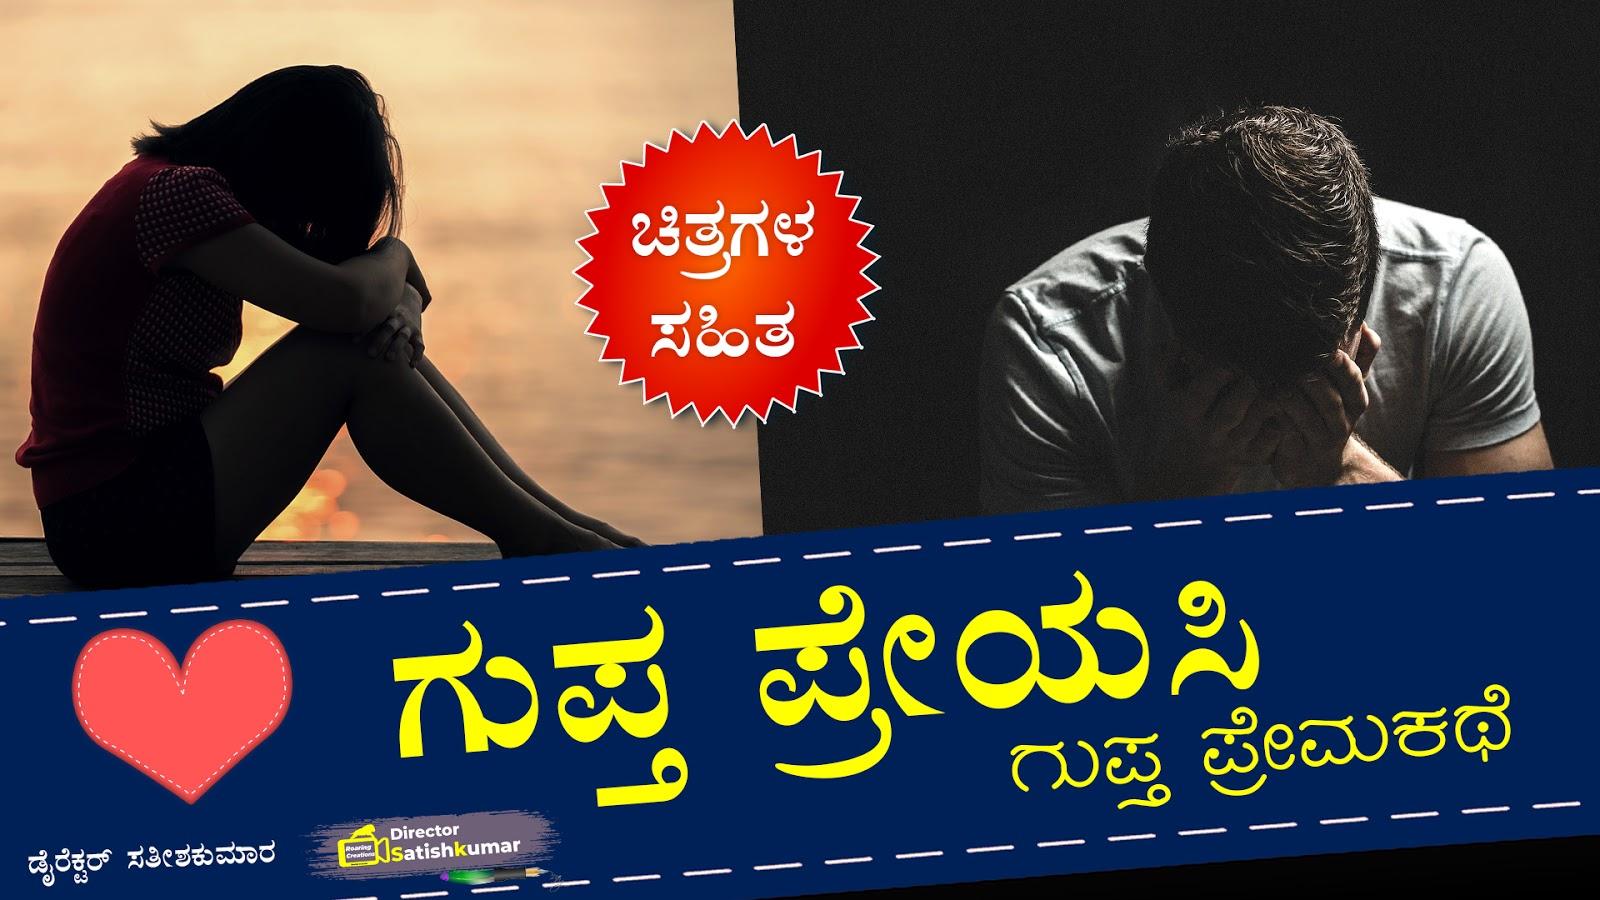 ಗುಪ್ತ ಪ್ರೇಯಸಿ : ಕನ್ನಡ  ಗುಪ್ತ ಪ್ರೇಮಕಥೆ Kannada Sad Love Story - ಕನ್ನಡ ಕಥೆ ಪುಸ್ತಕಗಳು - Kannada Story Books -  E Books Kannada - Kannada Books